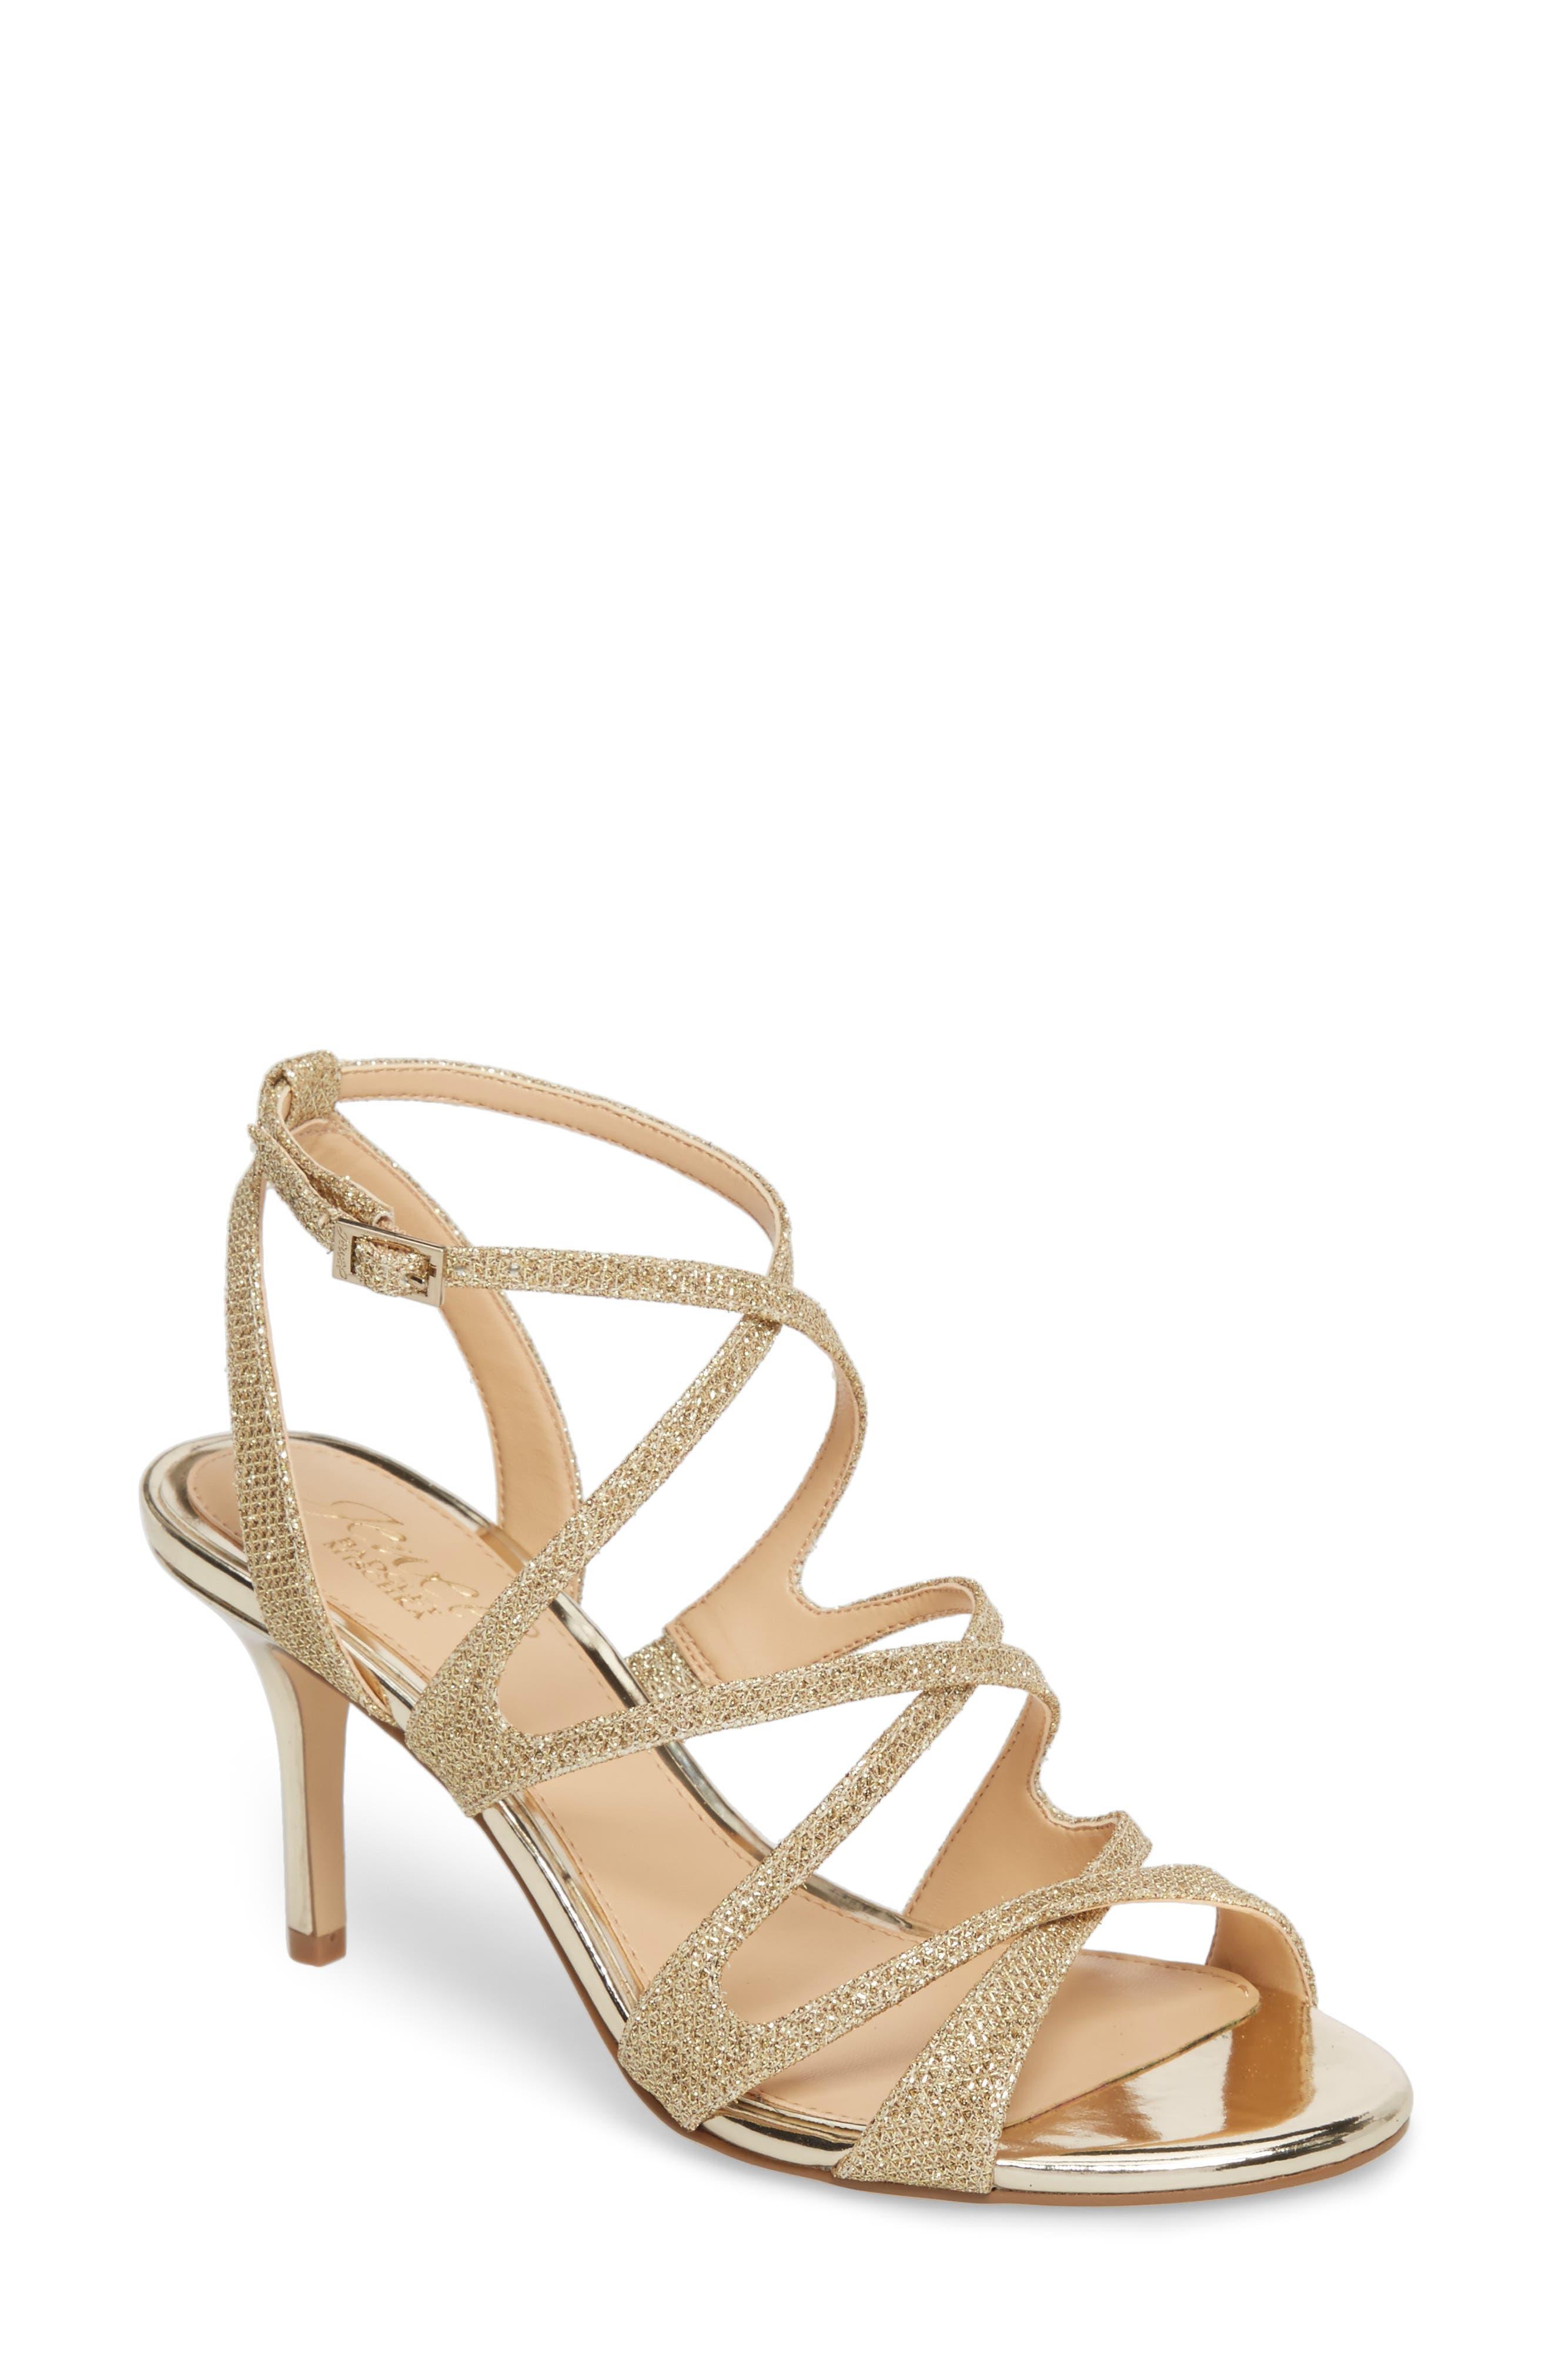 Tasha Glitter Sandal,                         Main,                         color, Light Gold Glitter